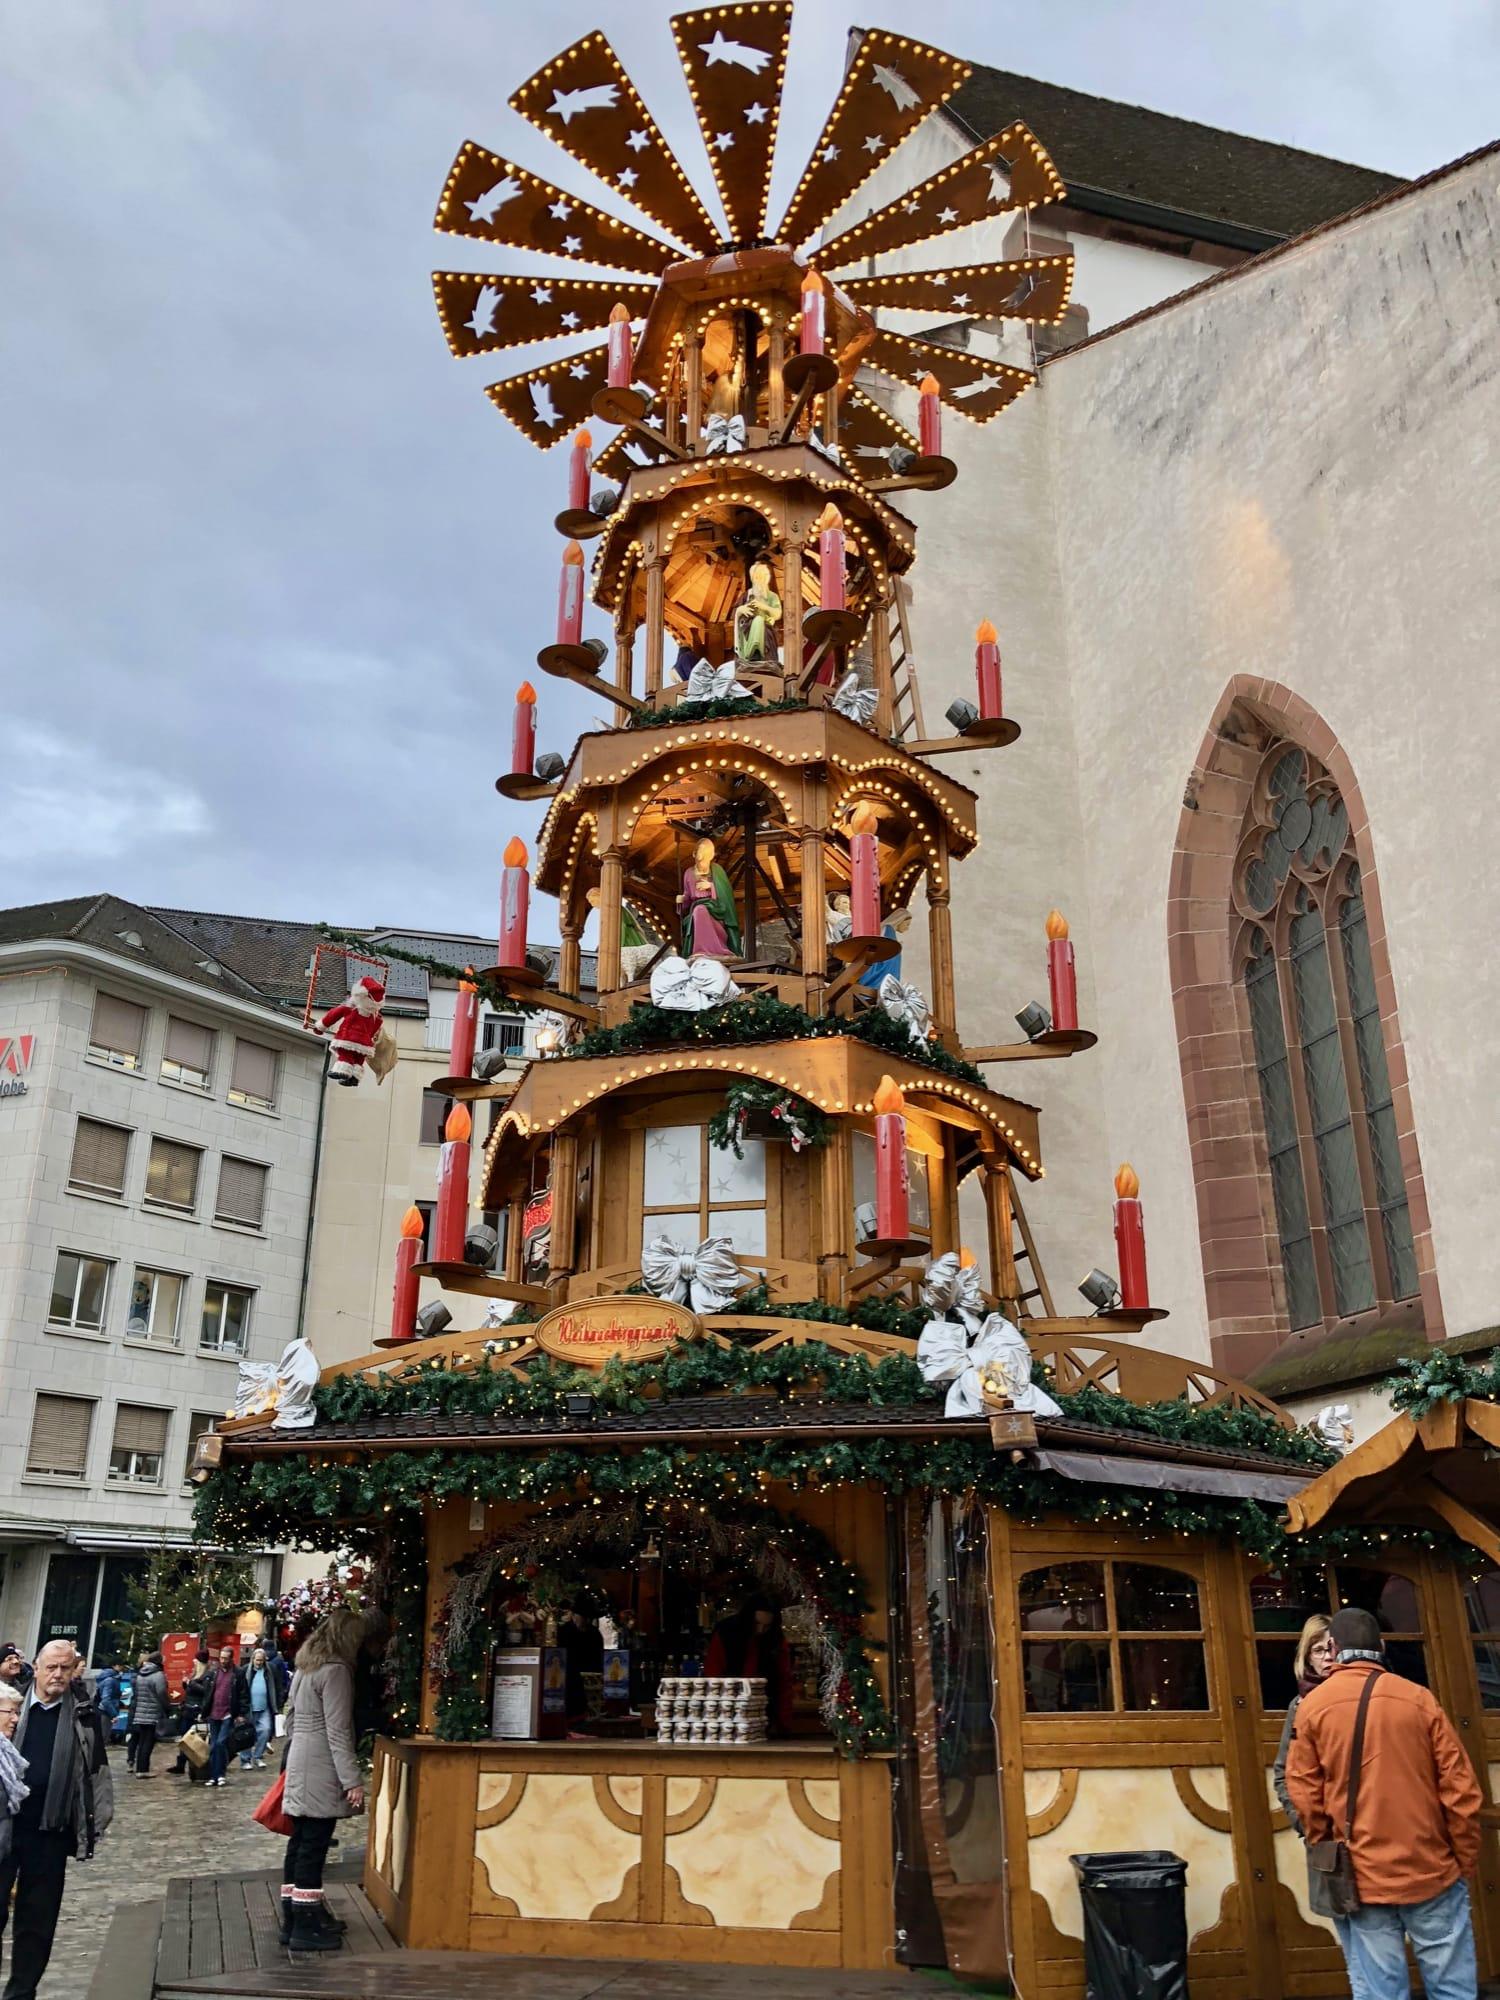 Originali decorazioni nei mercatini di Basilea